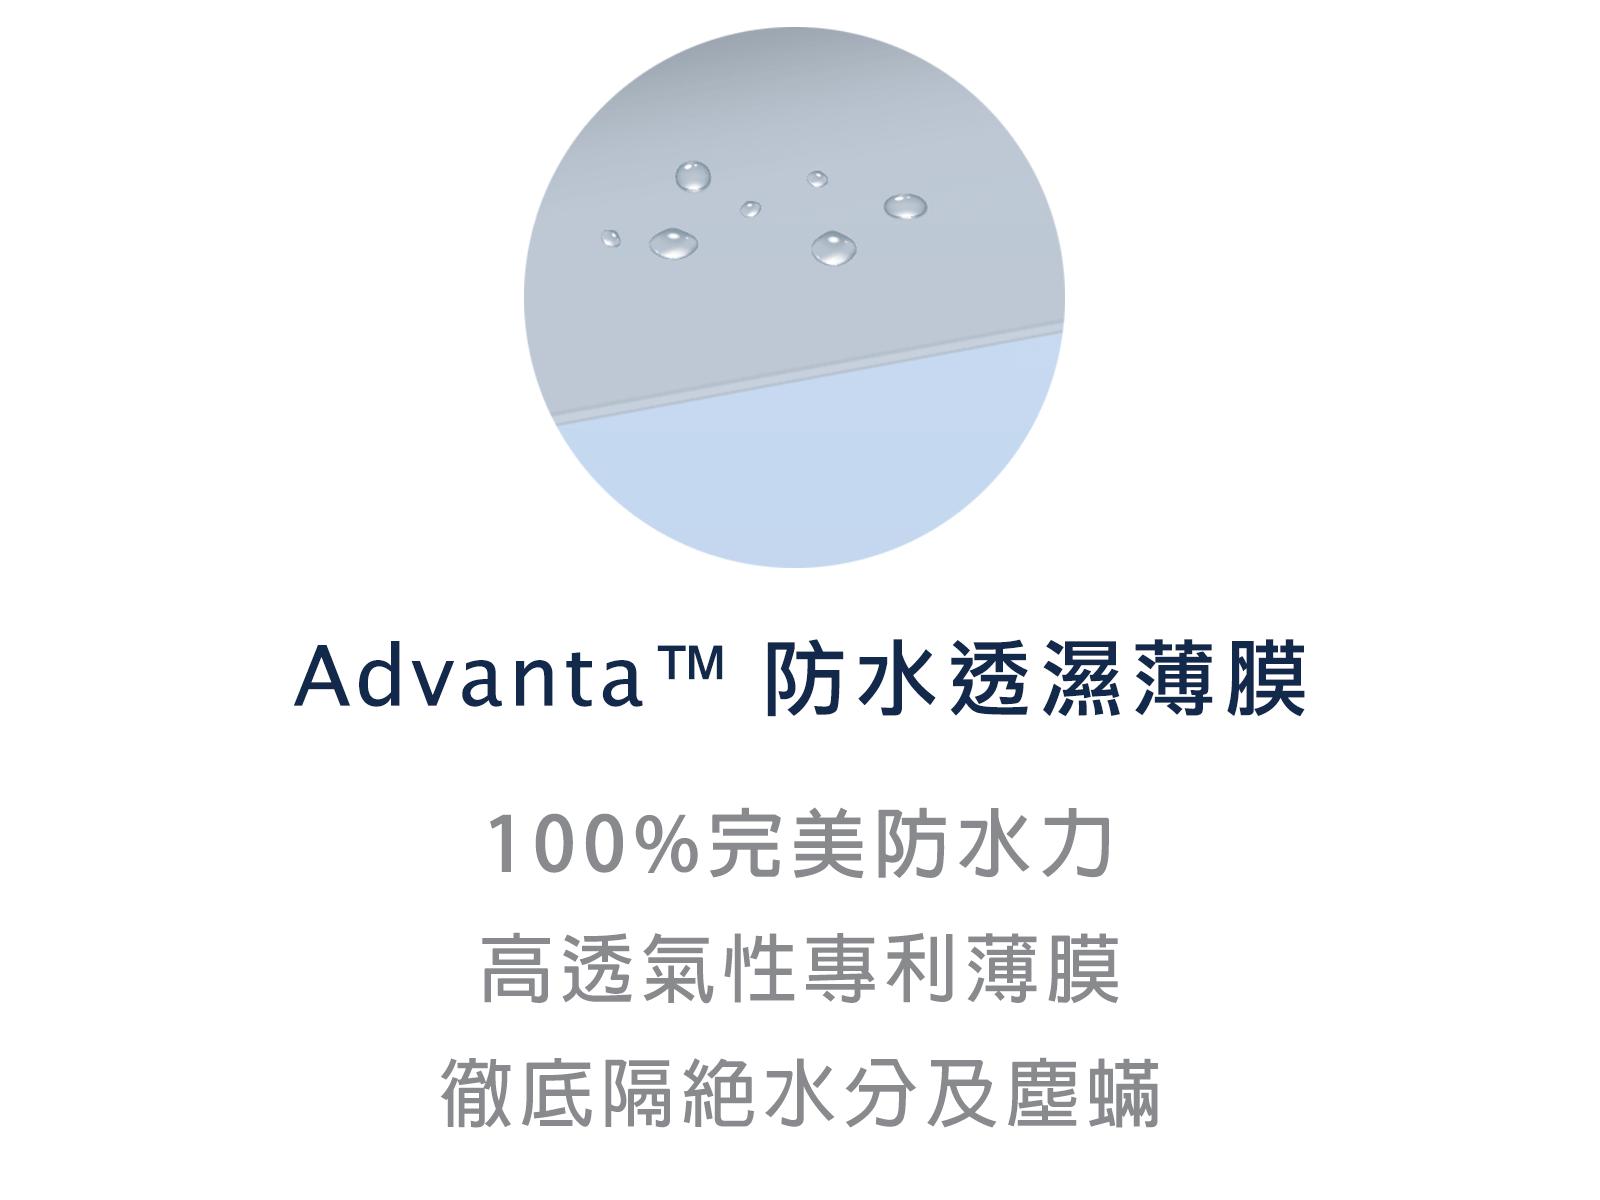 晚安奈特-防水保潔墊-advanta防水膜